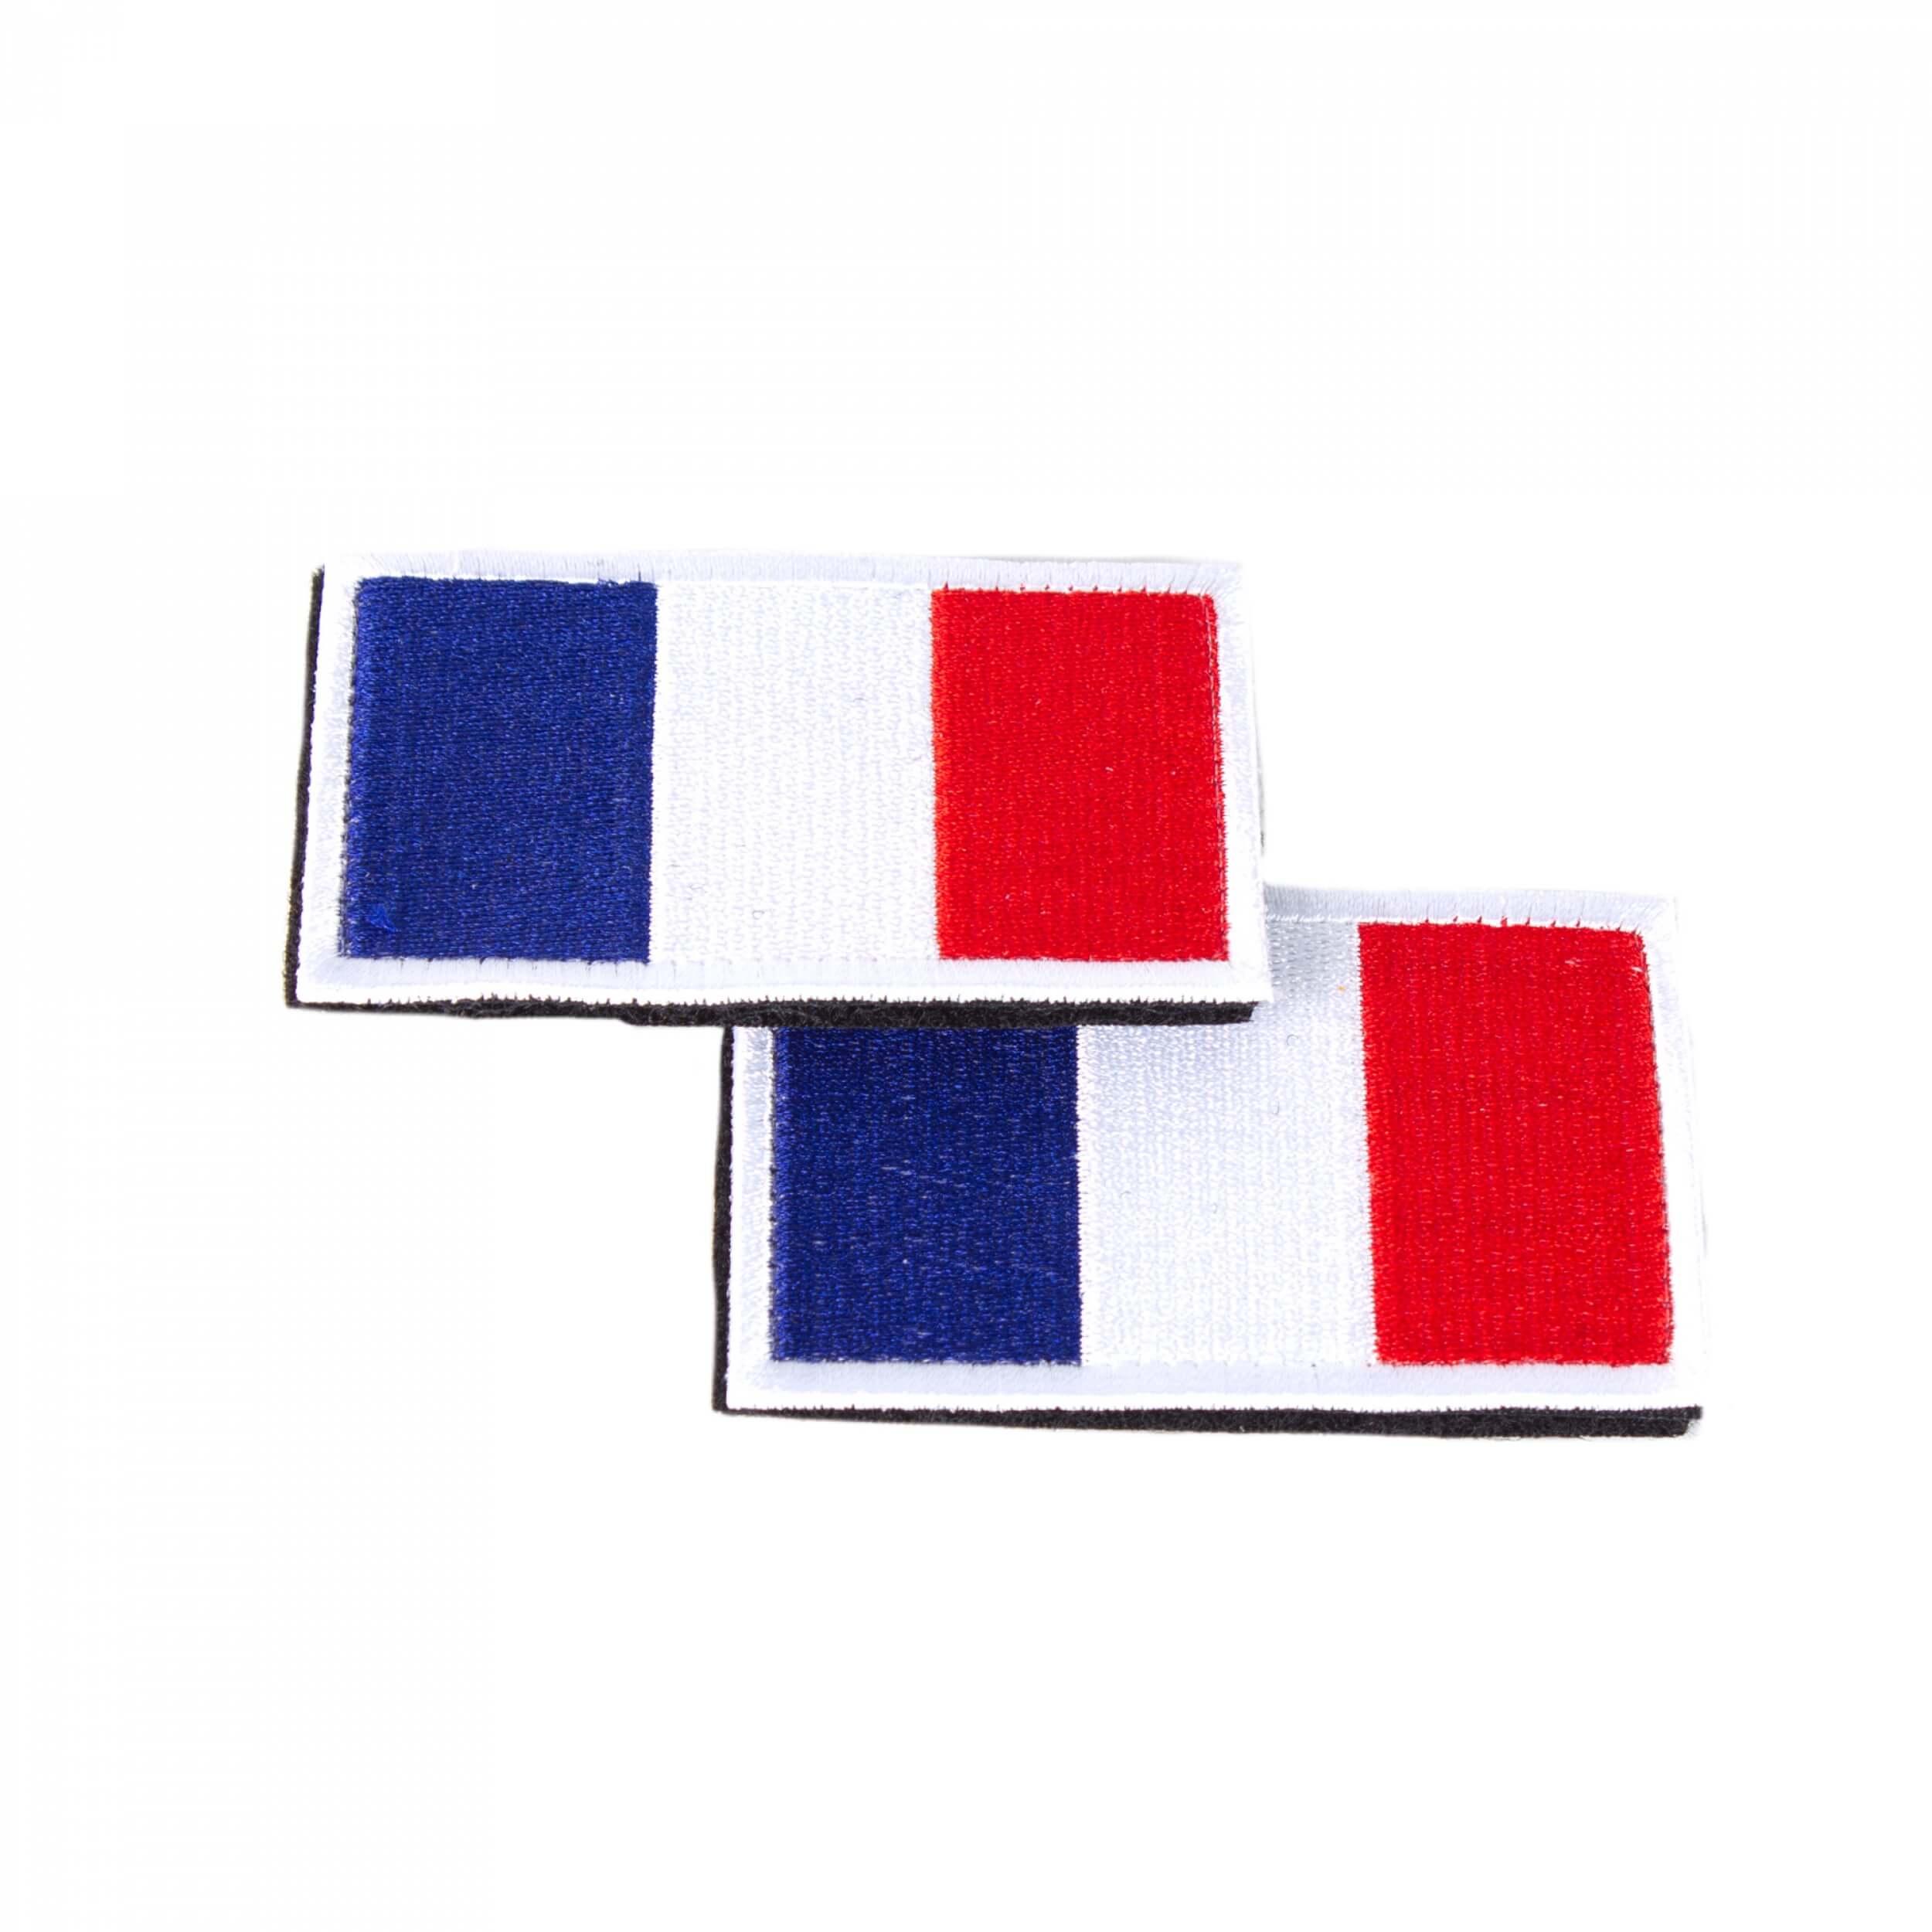 Französische Flagge Patch 8 x 5 cm 2 Stück im Set